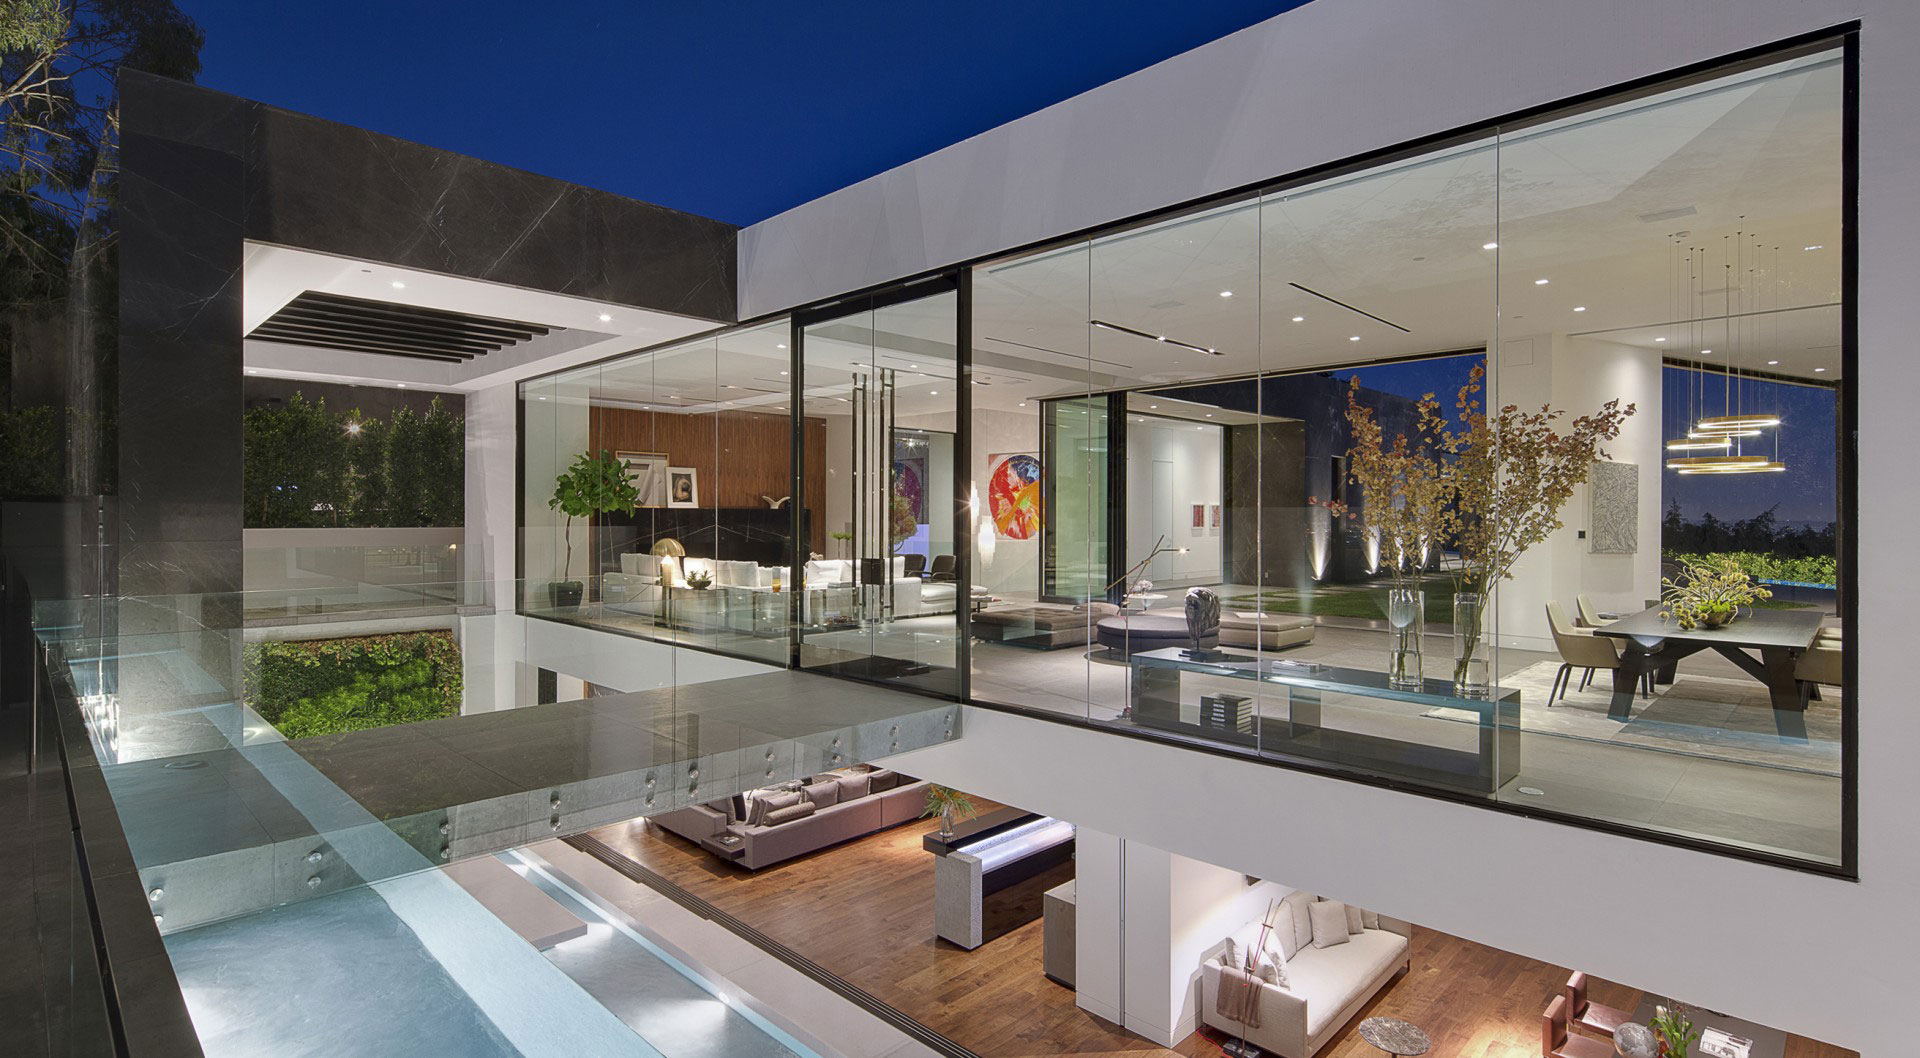   two-story-glass-houseInterior Design Ideas. on Glass House Design Ideas  id=59467